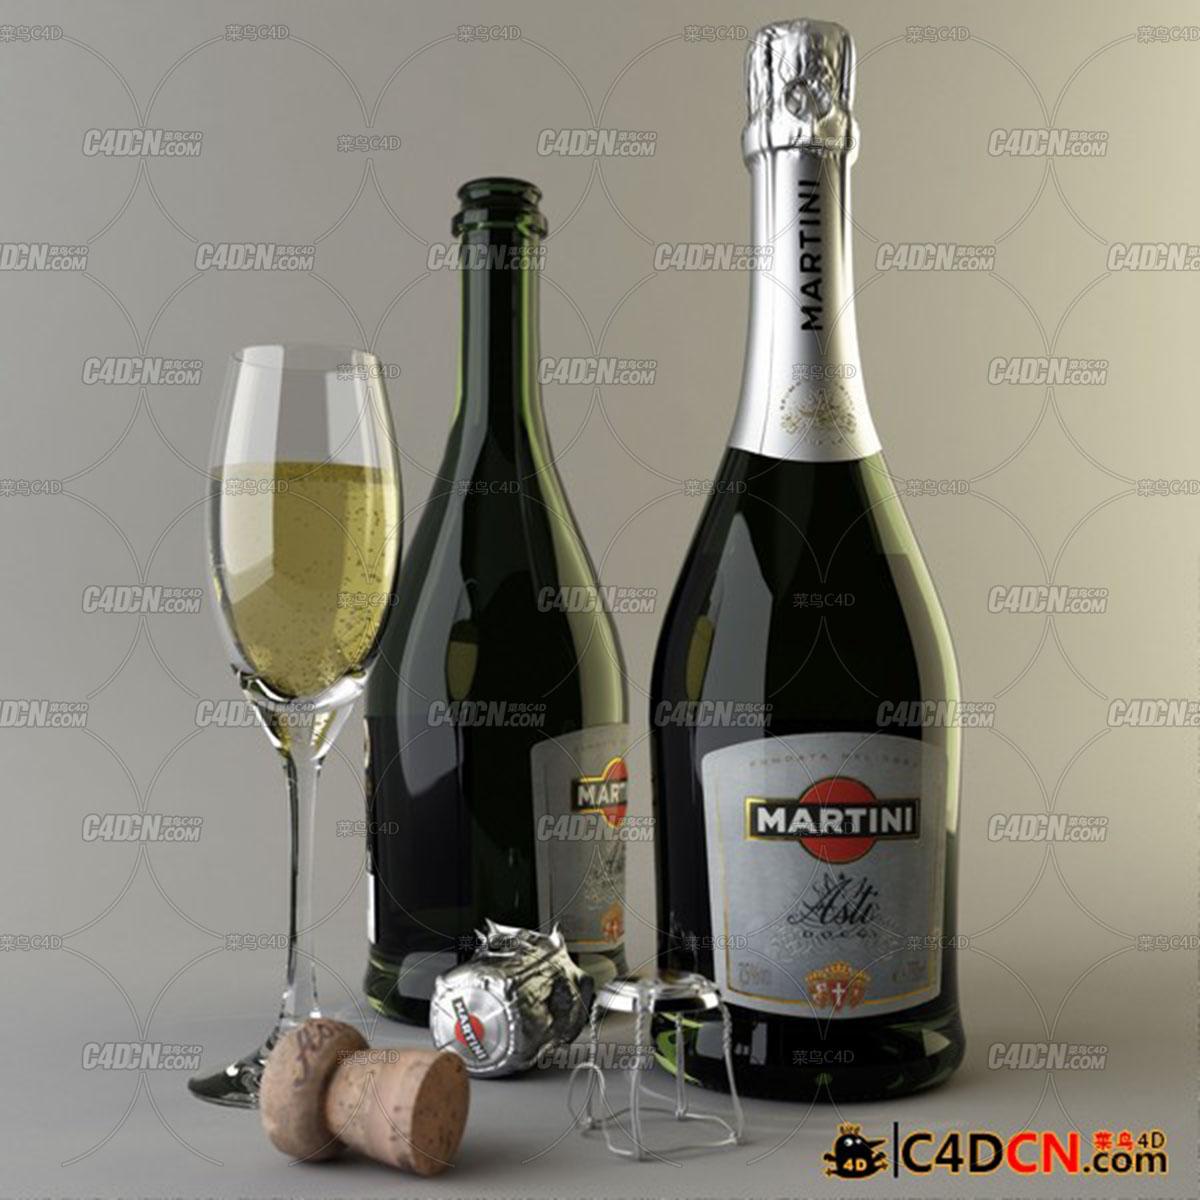 马蒂尼-阿斯蒂红酒酒瓶酒杯模型TurboSquid - Martini Asti